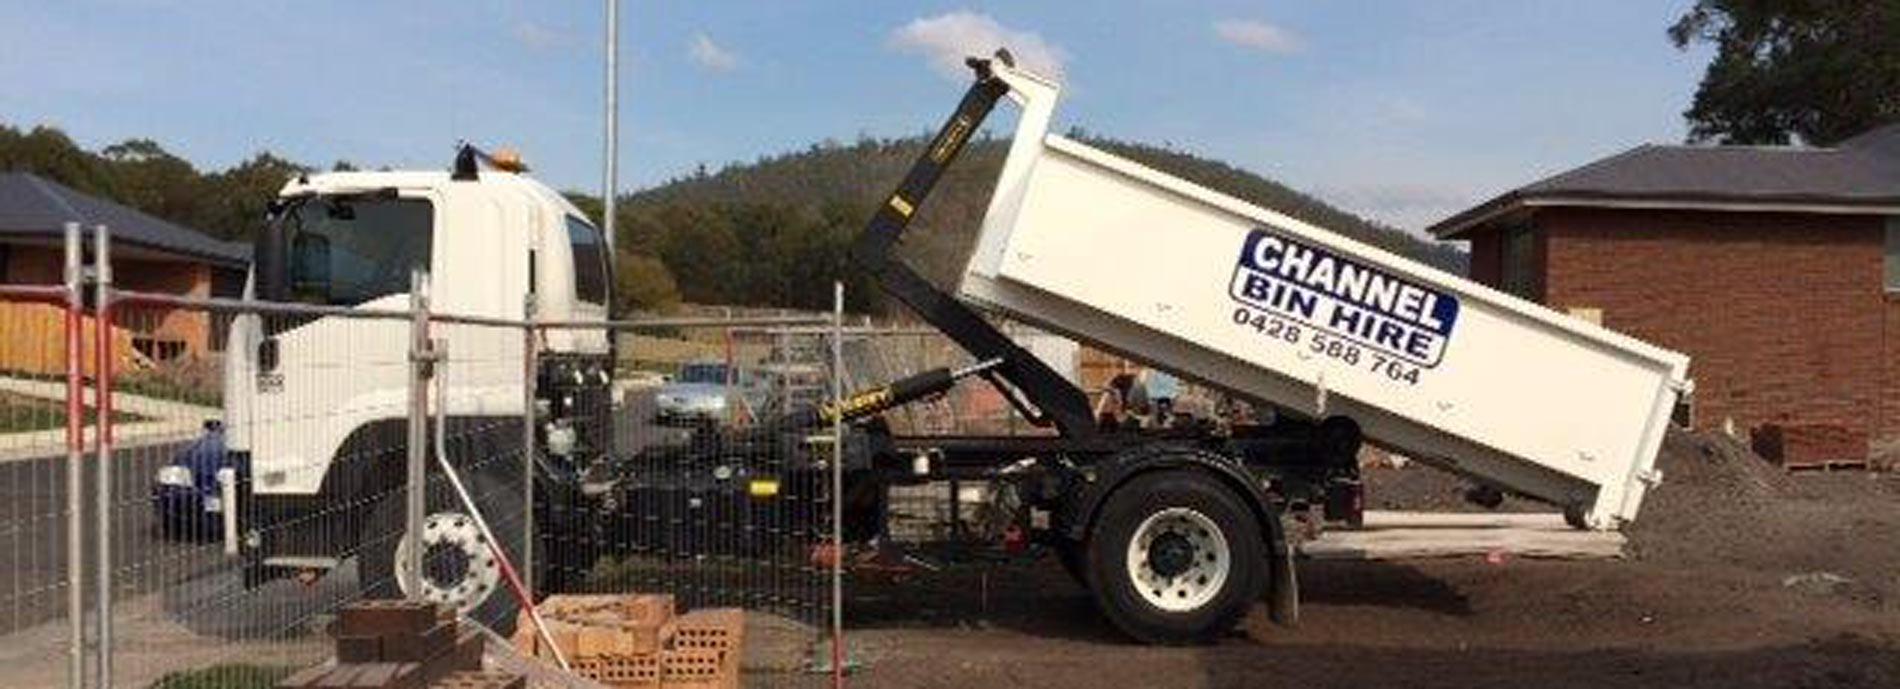 channel earthmoving truck with bin hire in Kingston